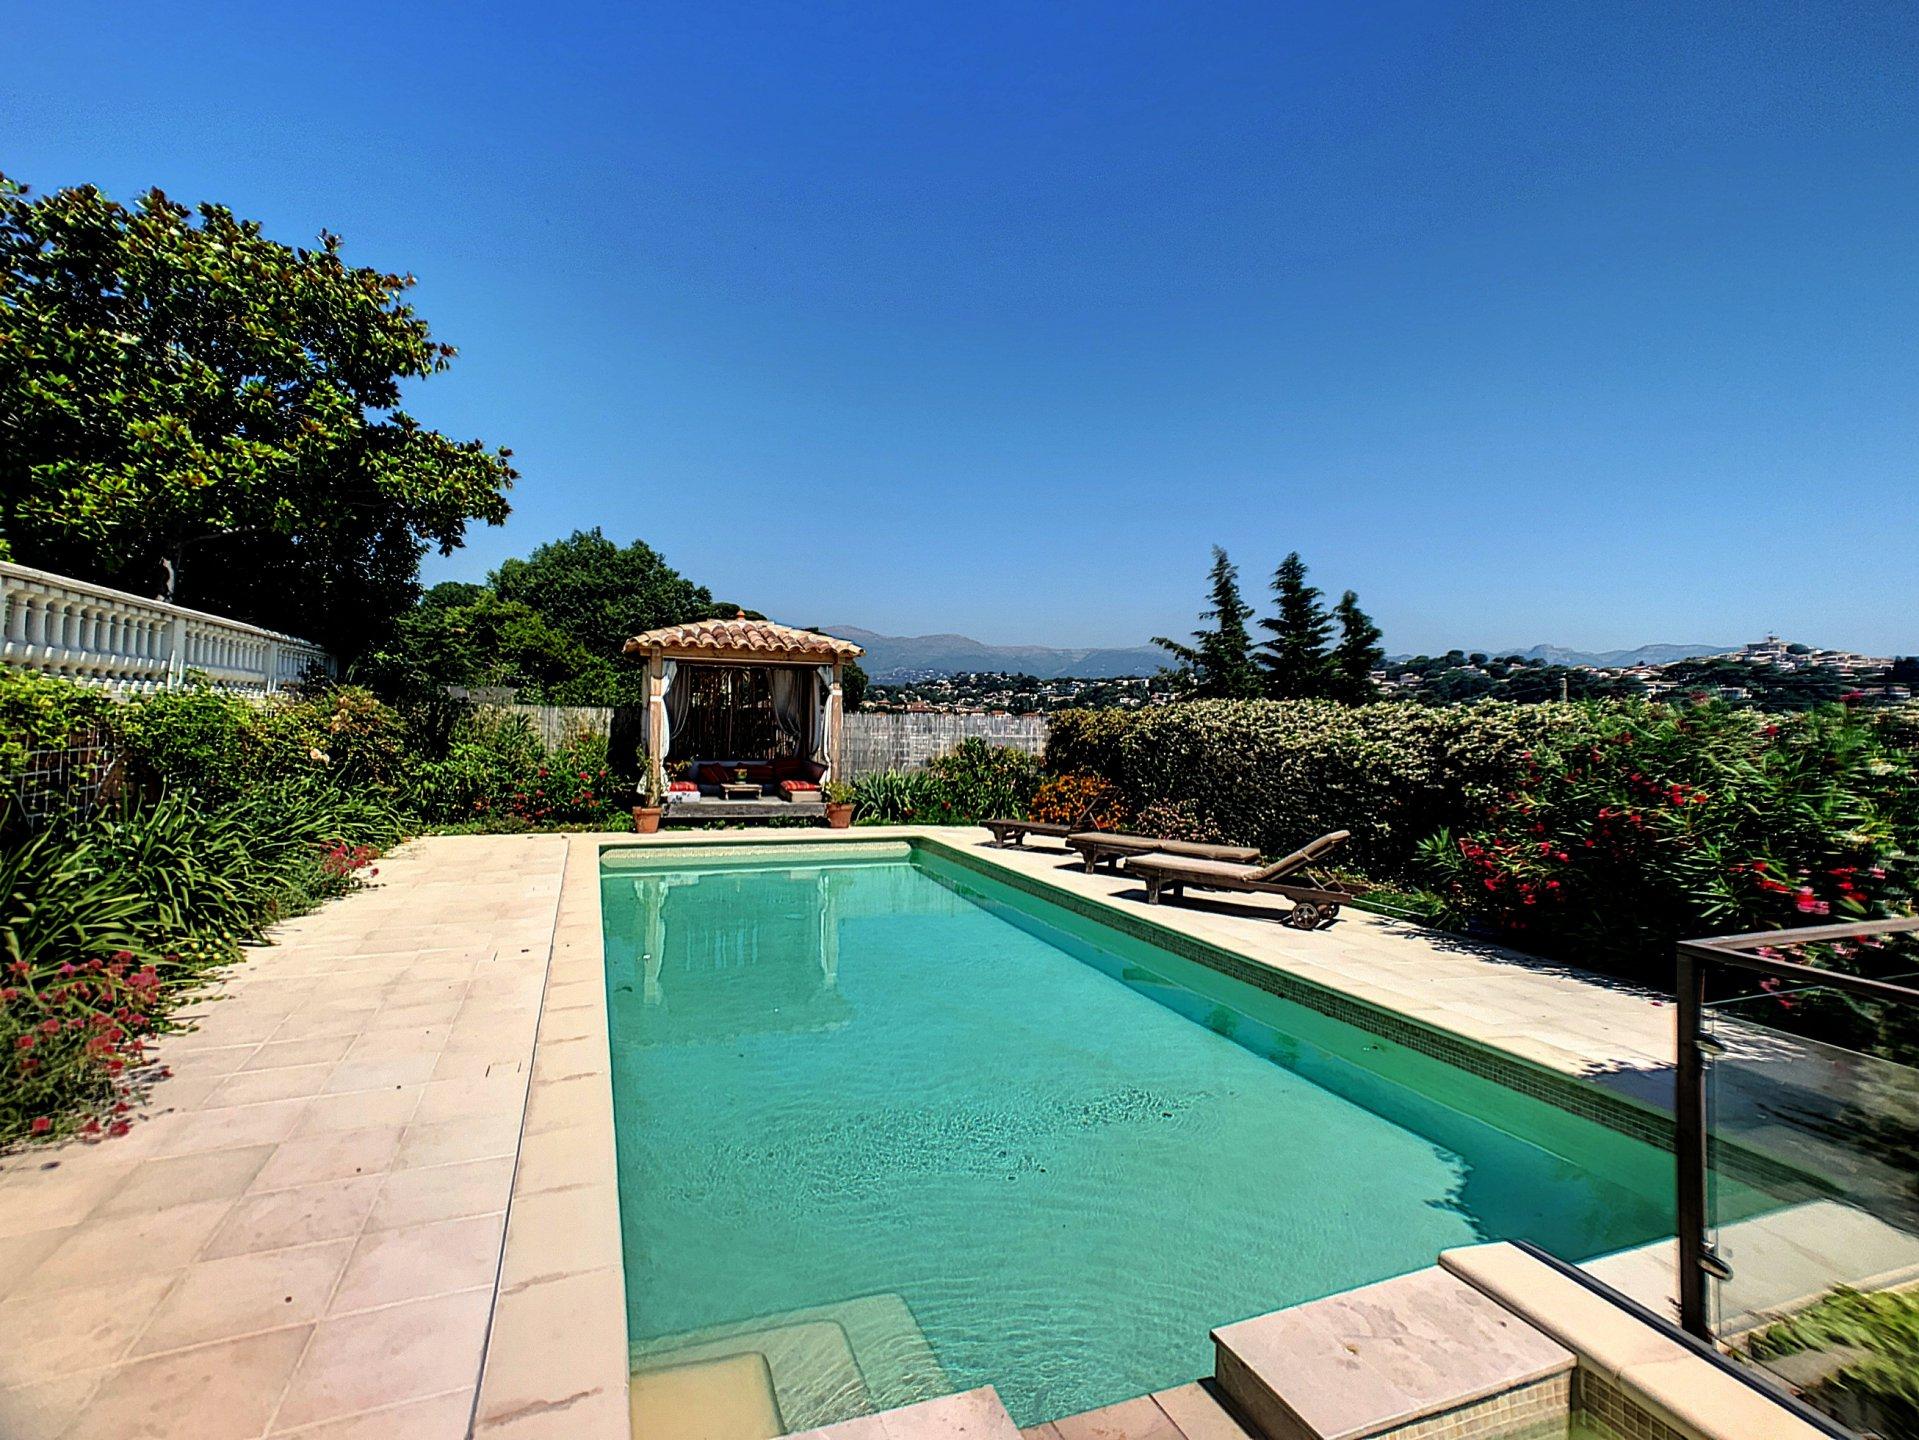 Cagnes sur mer (06800) - St Veran - Villa individuelle avec piscine